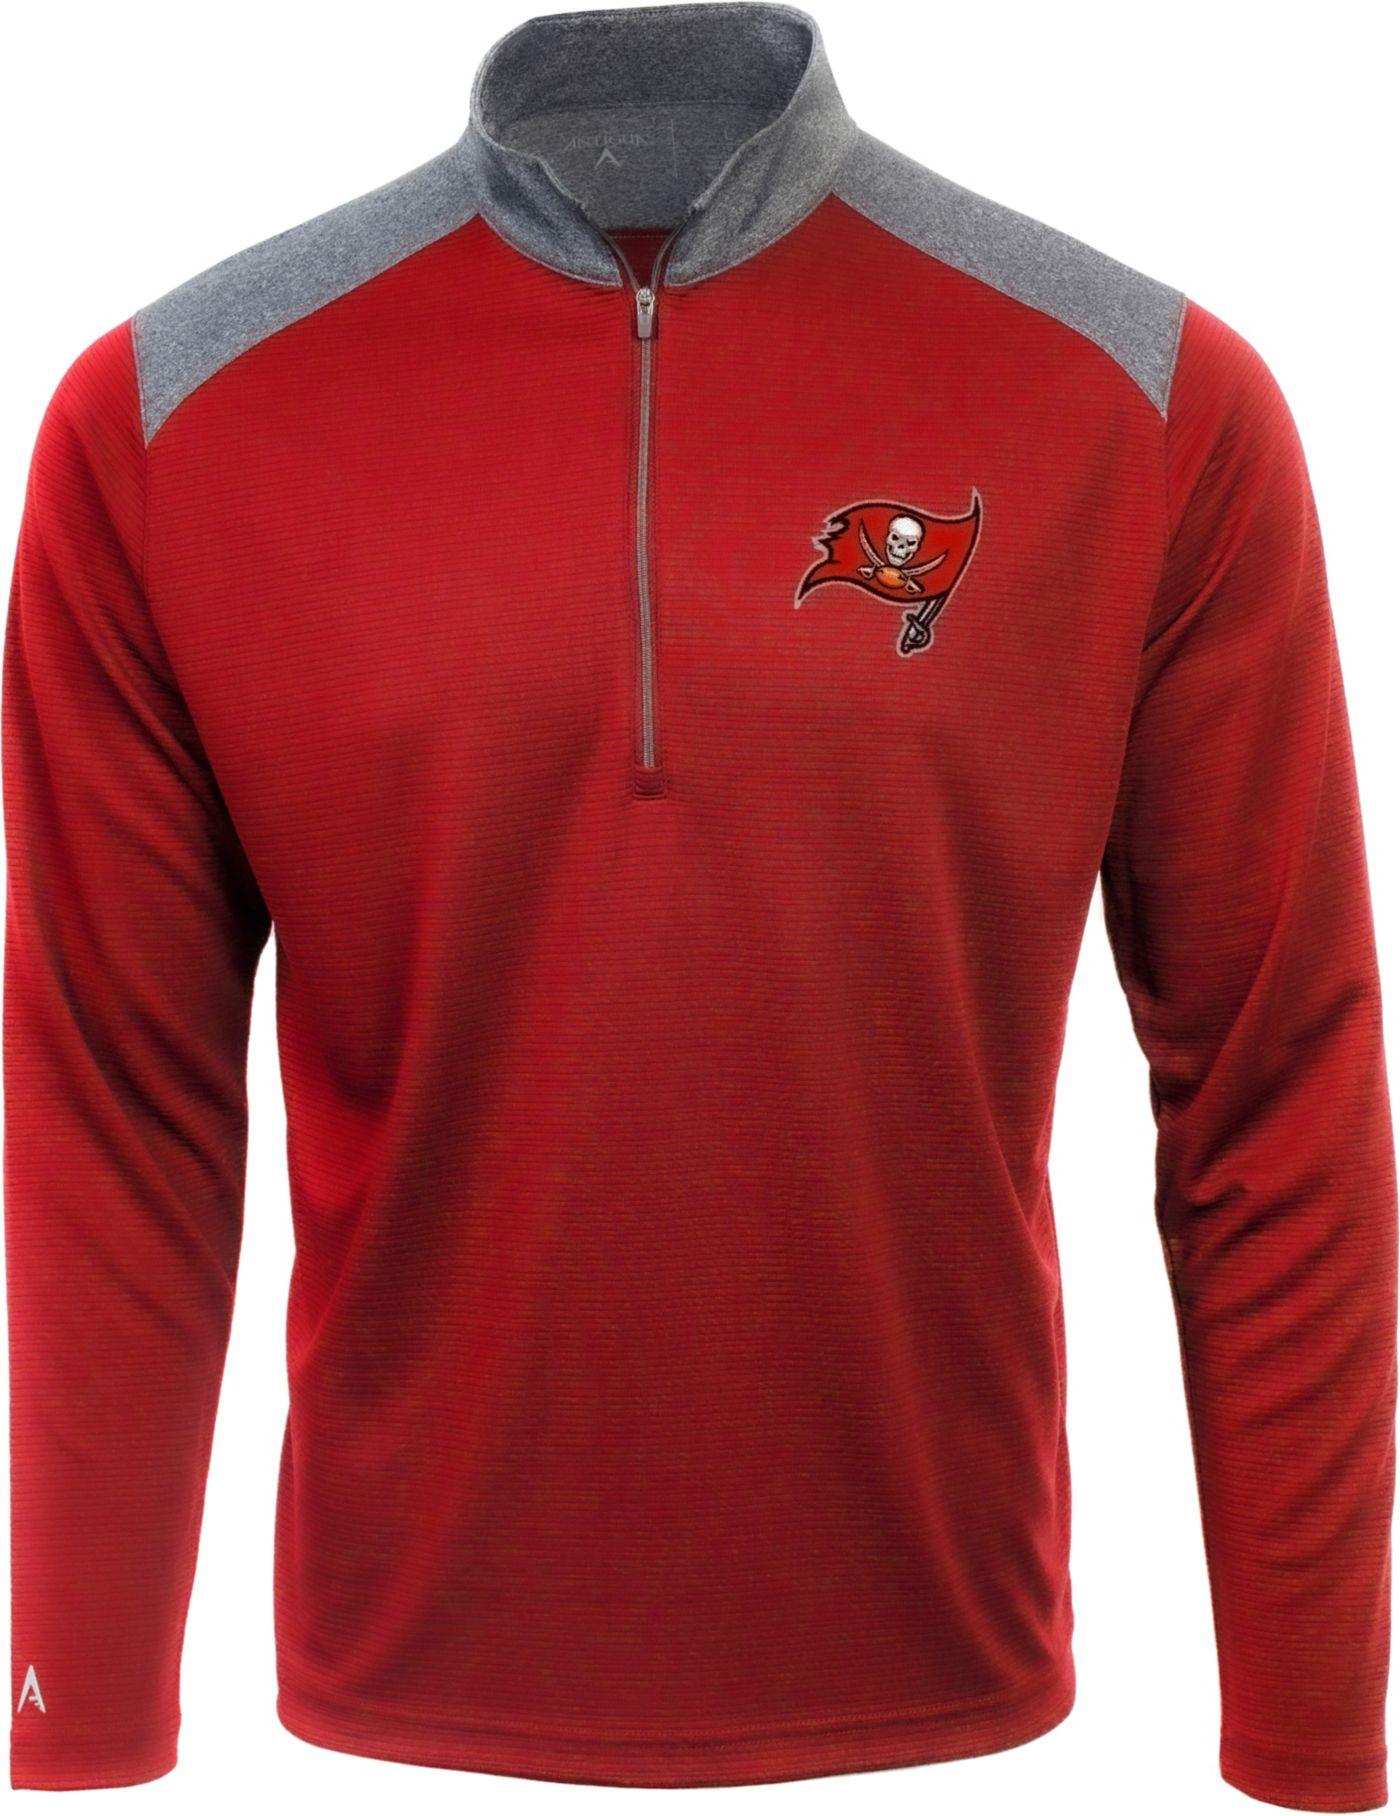 Antigua Men's Tampa Bay Buccanneers Velocity Red Quarter-Zip Pullover